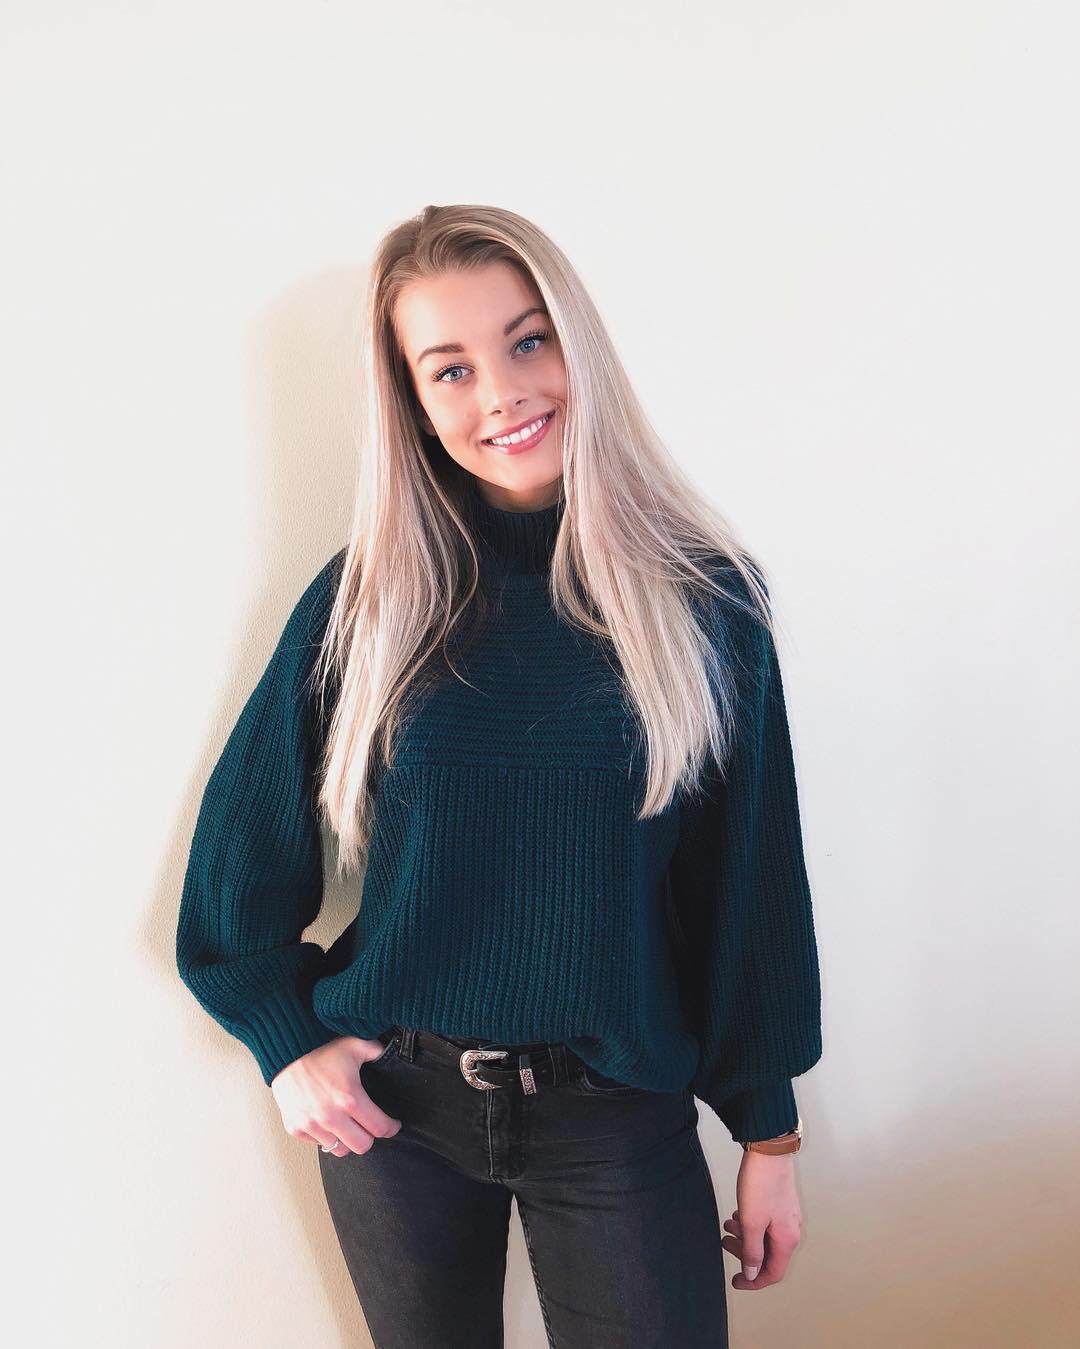 Die schönsten norwegischen Mädchen  Hübsche Mädchen